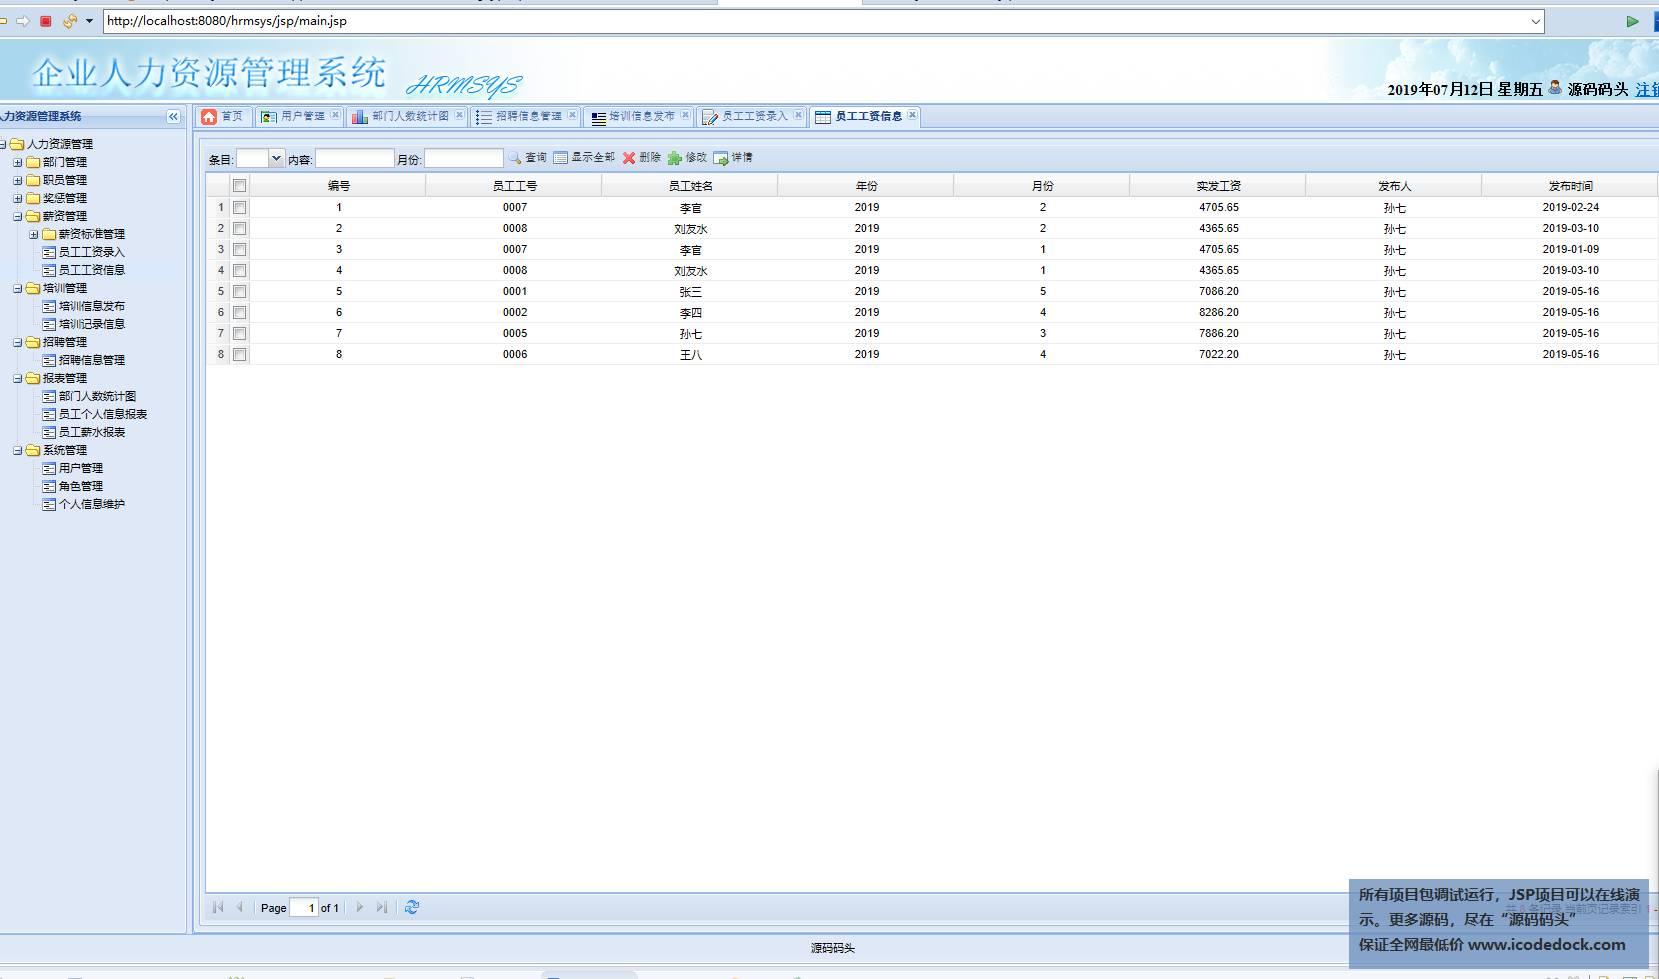 源码码头-SSH企业人力资源管理系统-管理员角色-工资信息增删改查